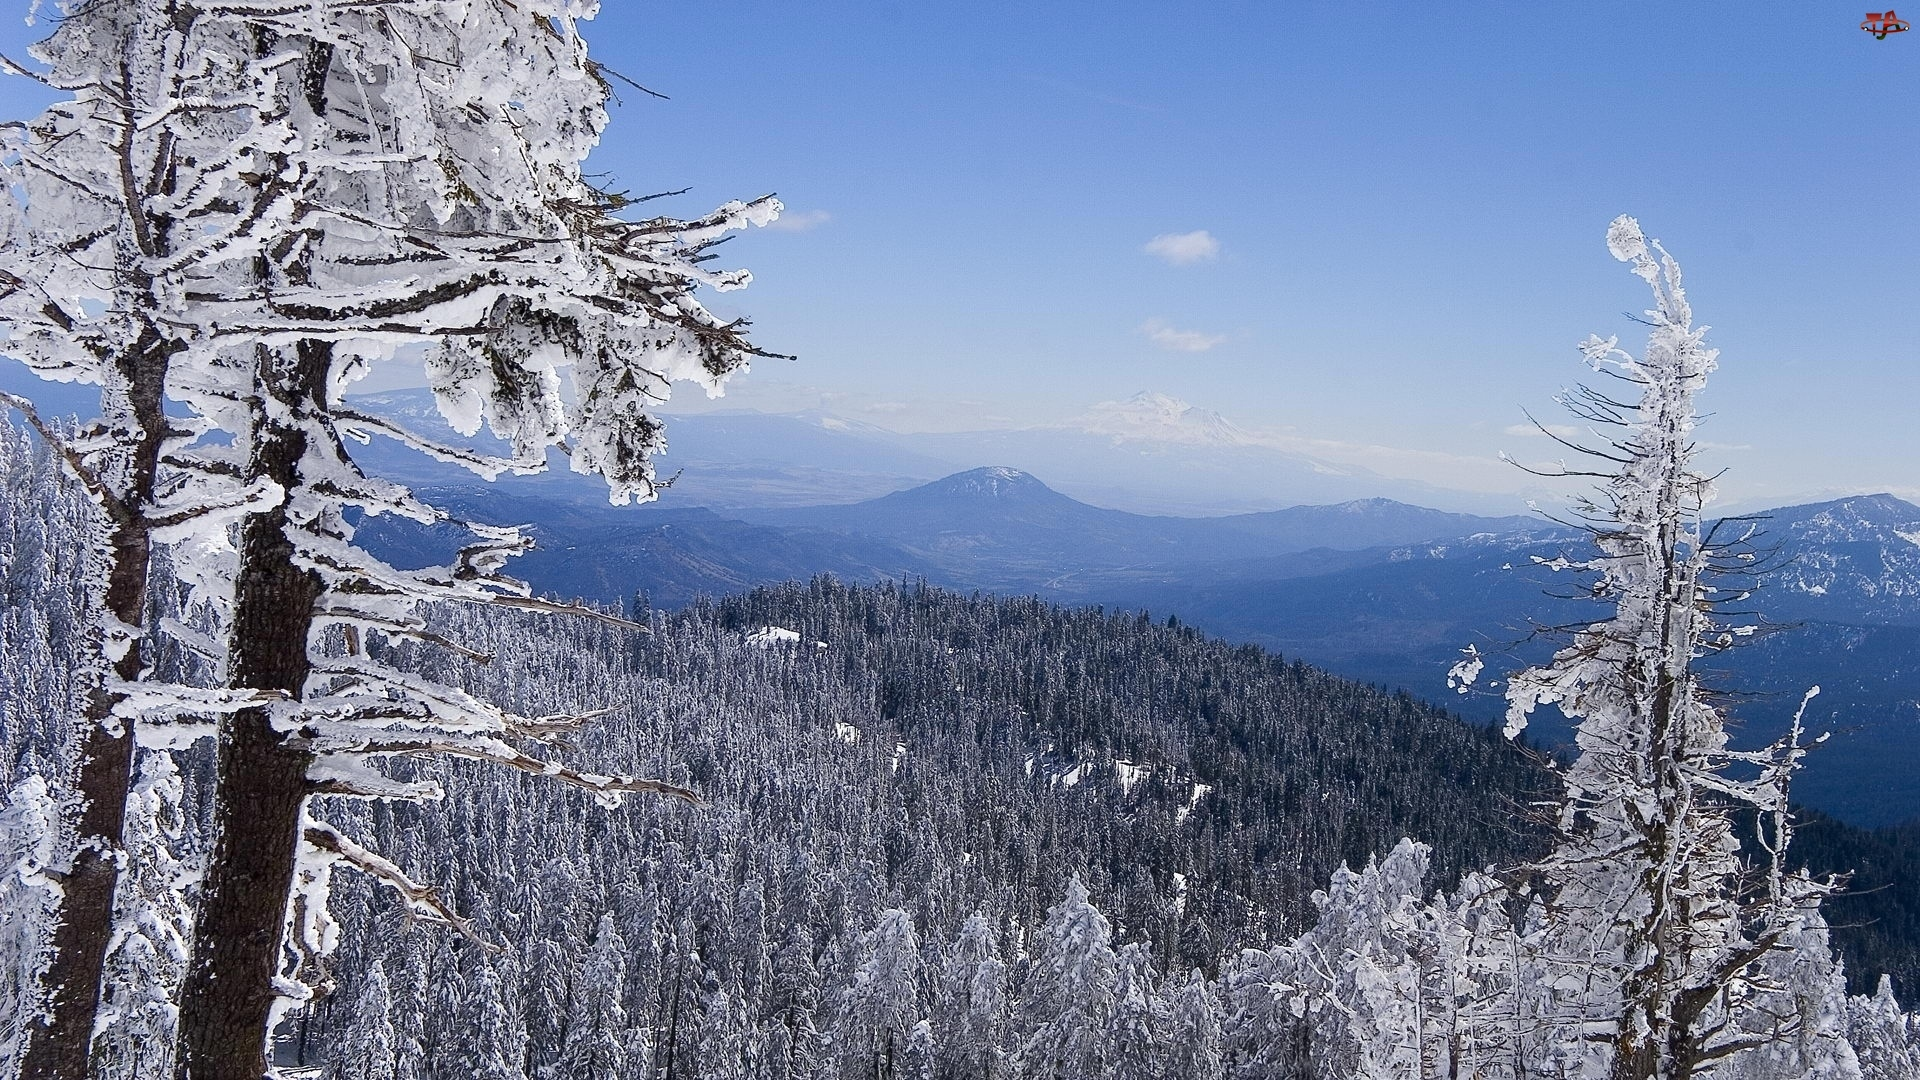 Drzewa, Szczyt, Zima, Góry, Stok